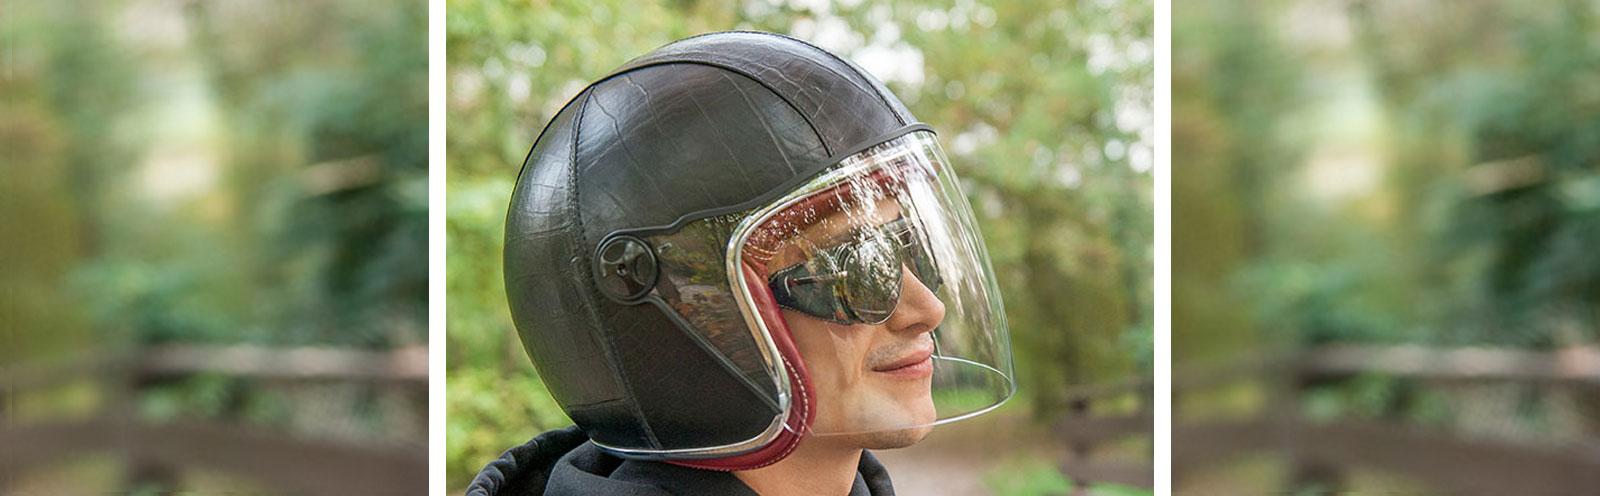 casco in pelle Baruffaldi e occhiali Annapurna in pelle coordinati